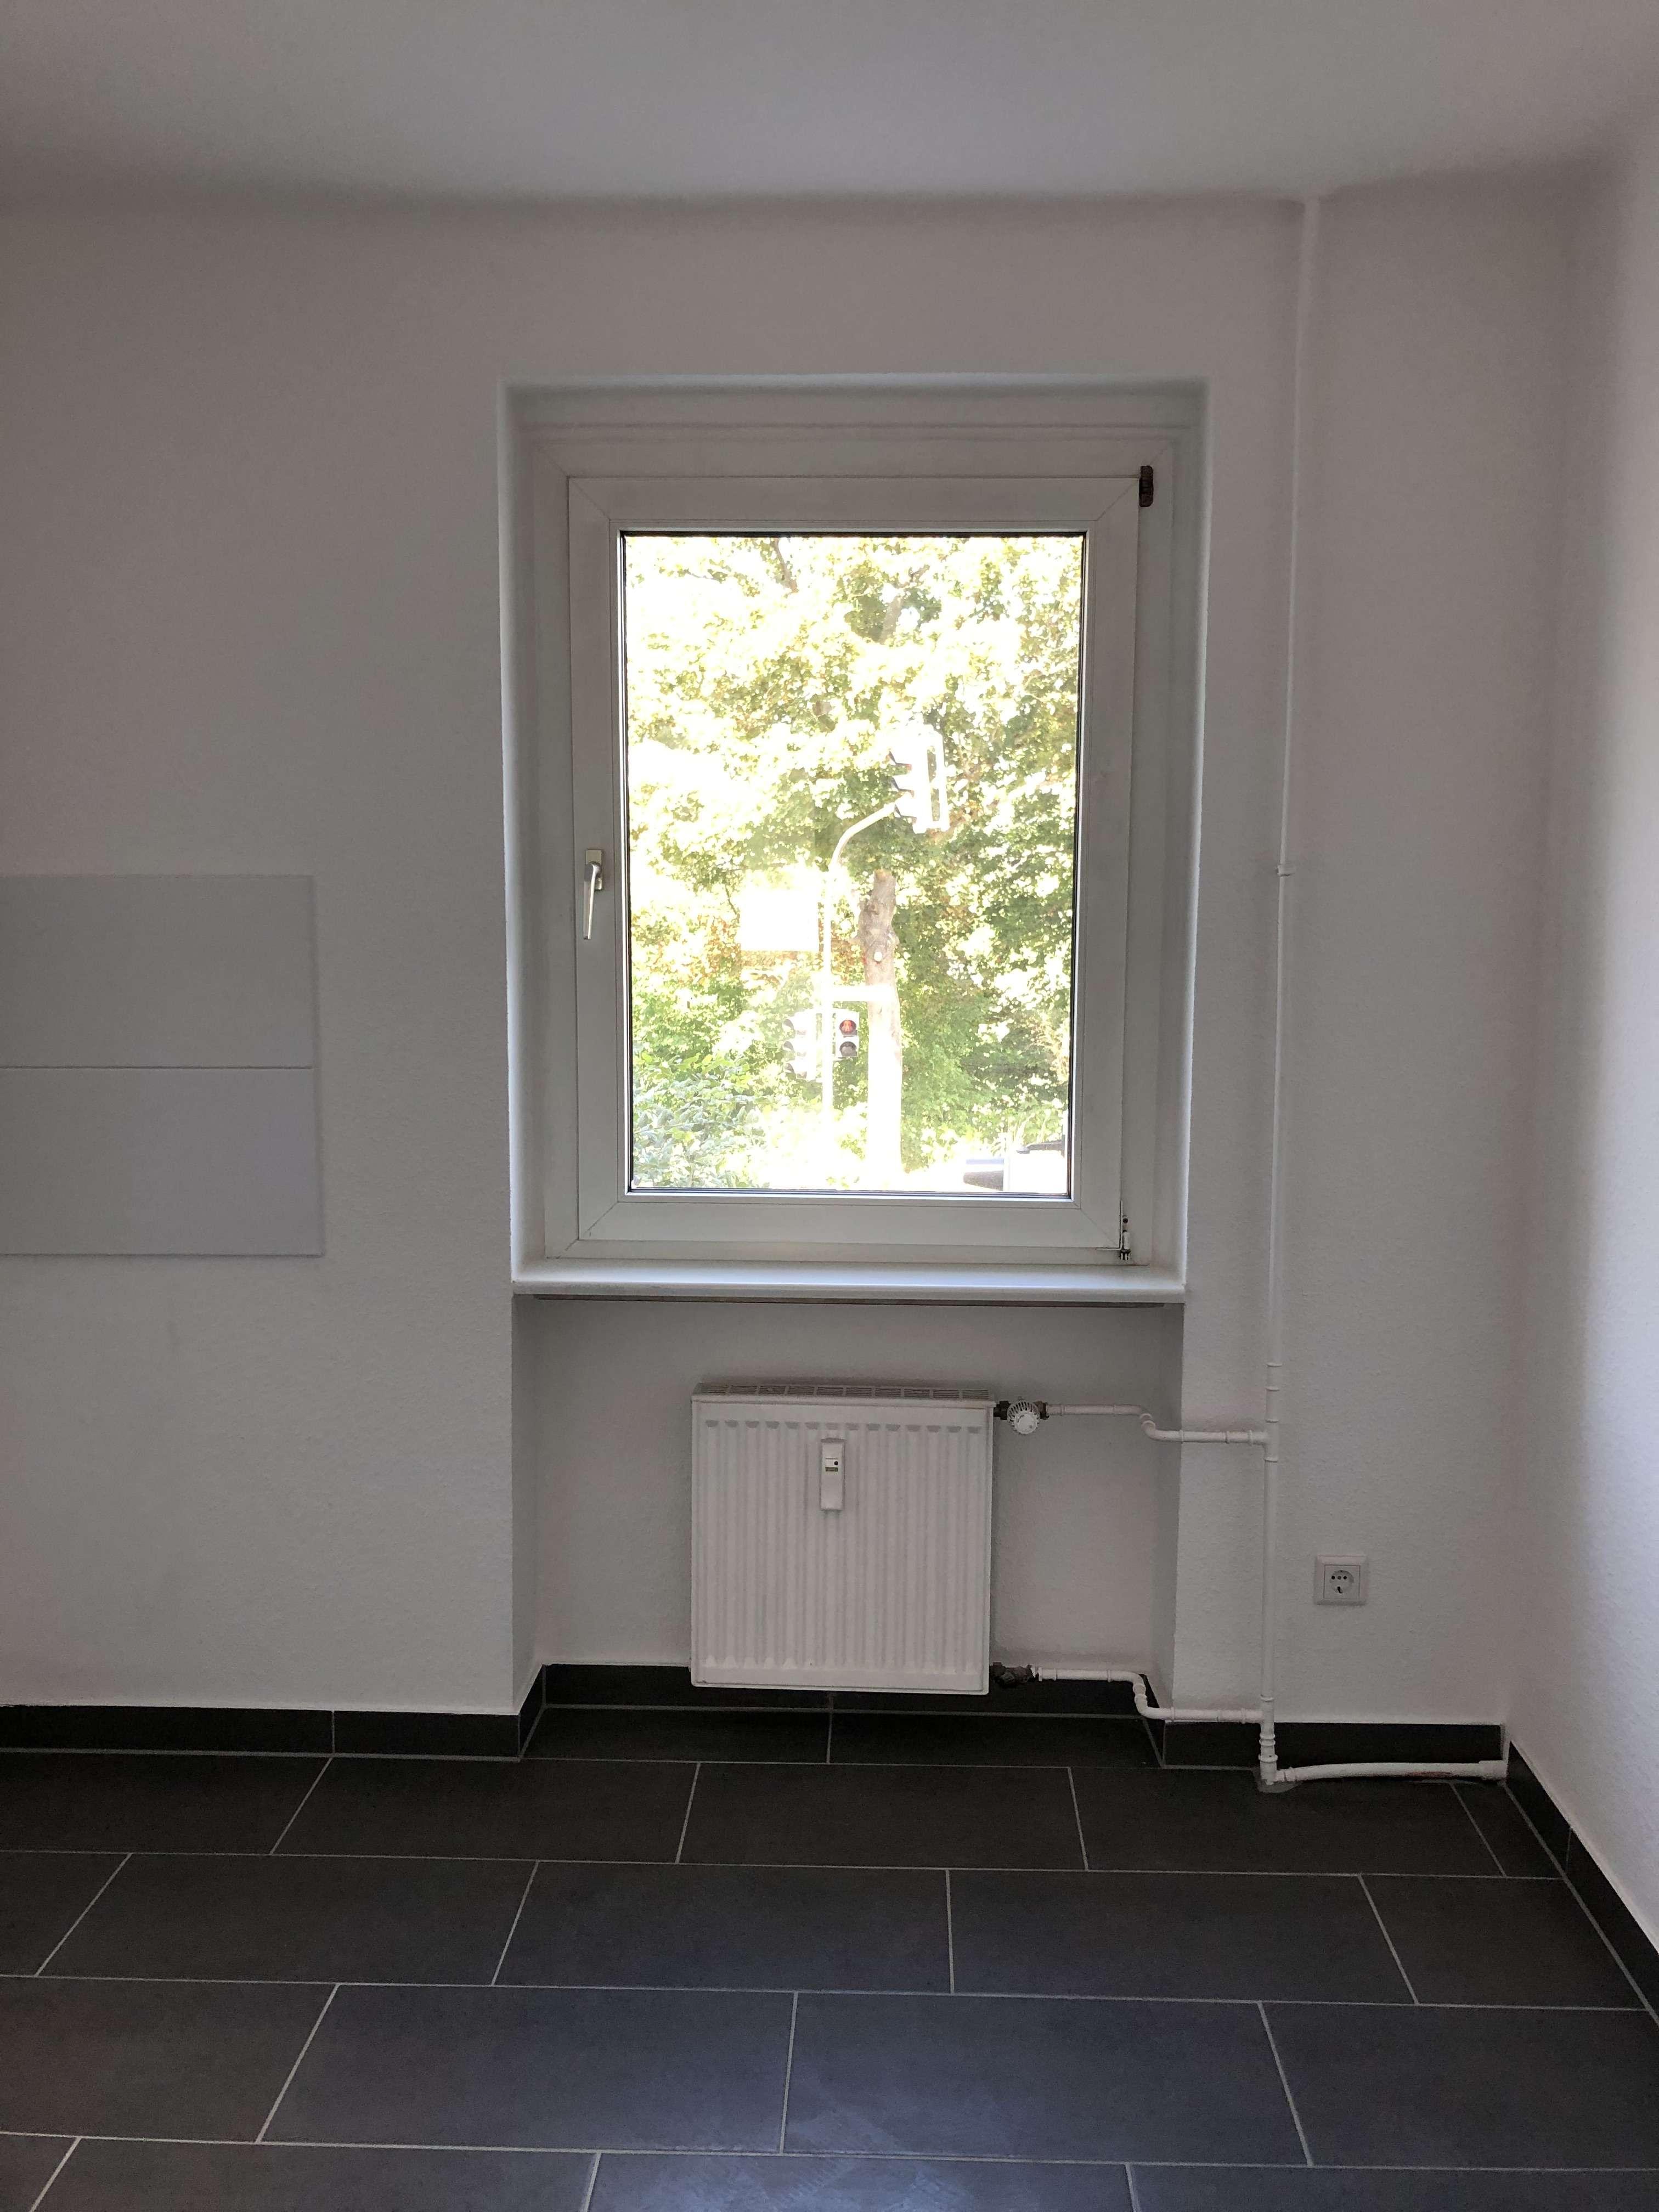 2 Zimmerwohnung in guter Lage - Erstbezug nach Sanierung ab dem 15.11.2019 in Stadtmitte (Aschaffenburg)